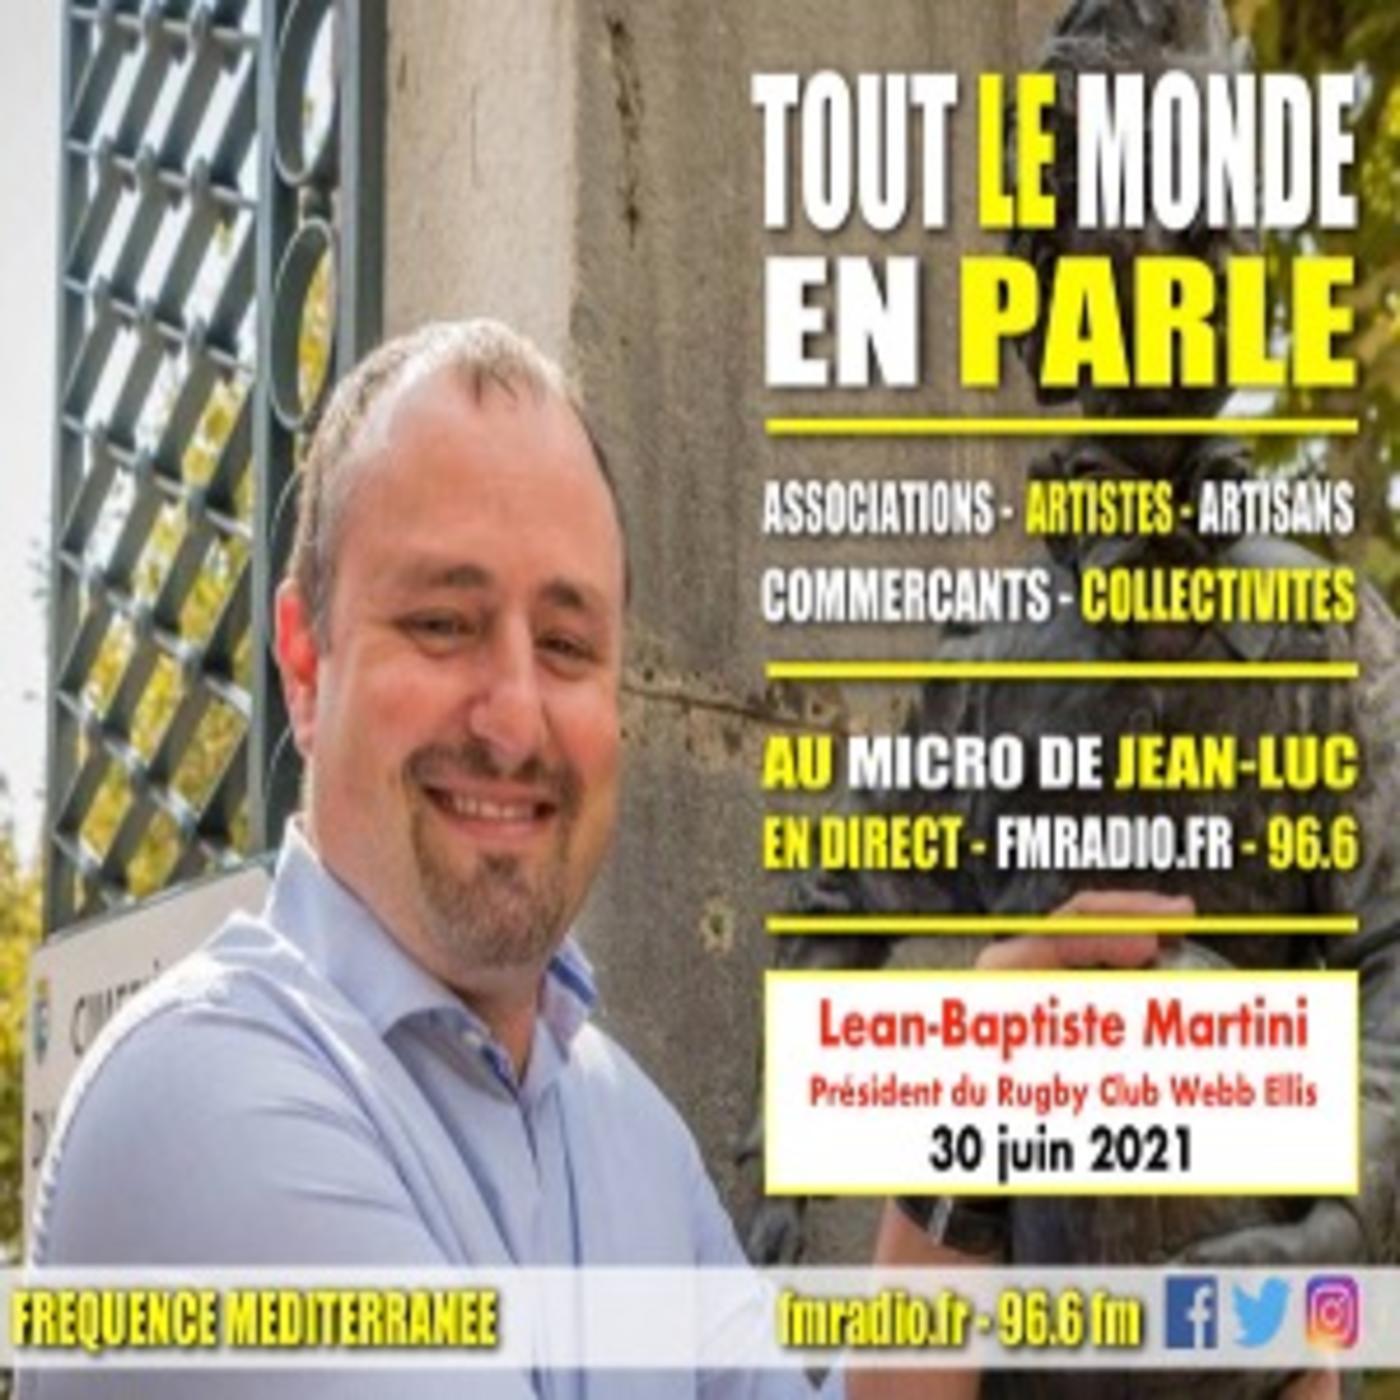 Invité - Jean-Baptiste Martini